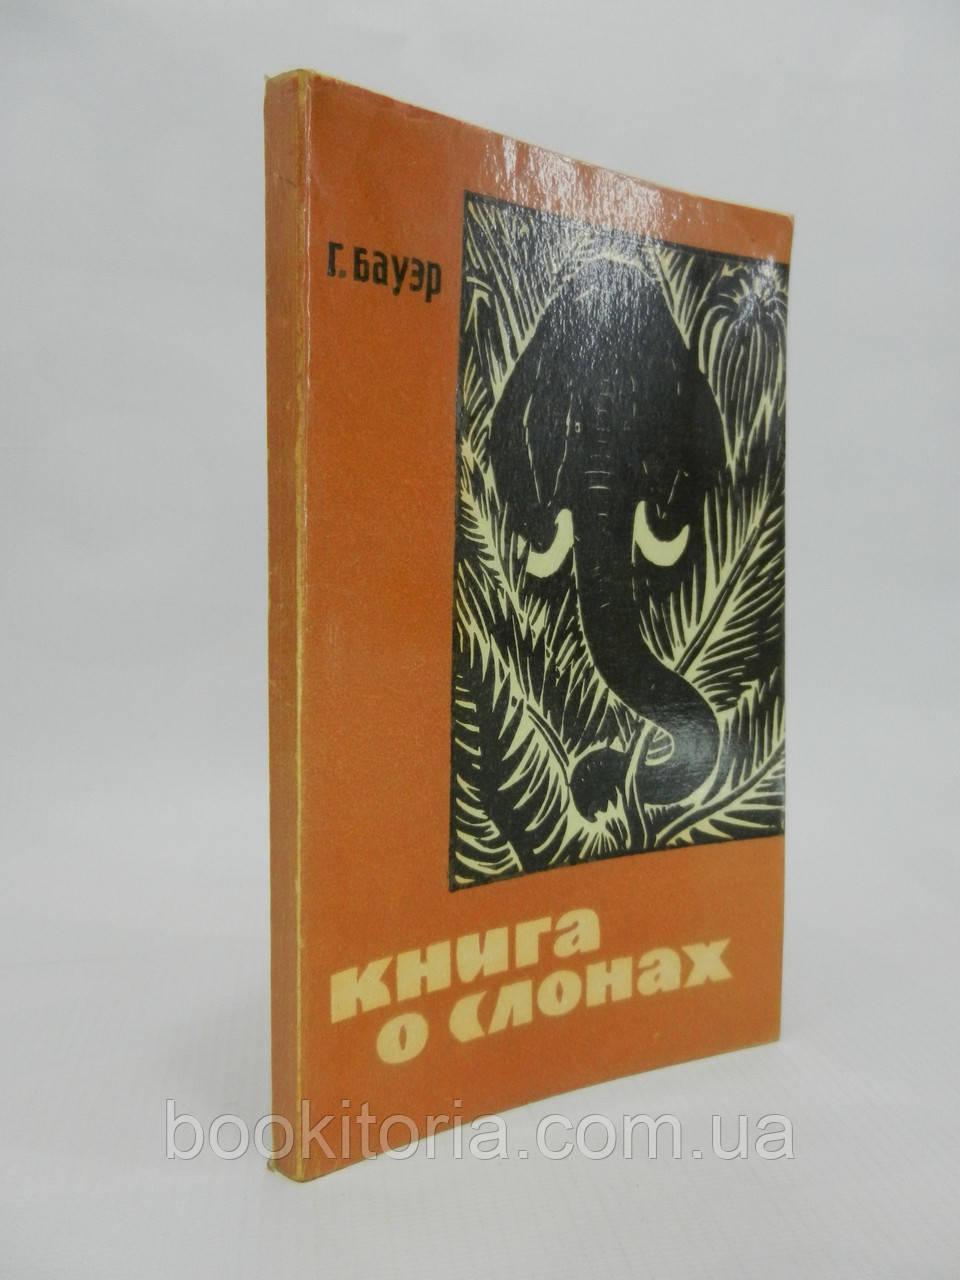 Бауэр Г. Книга о слонах (б/у).